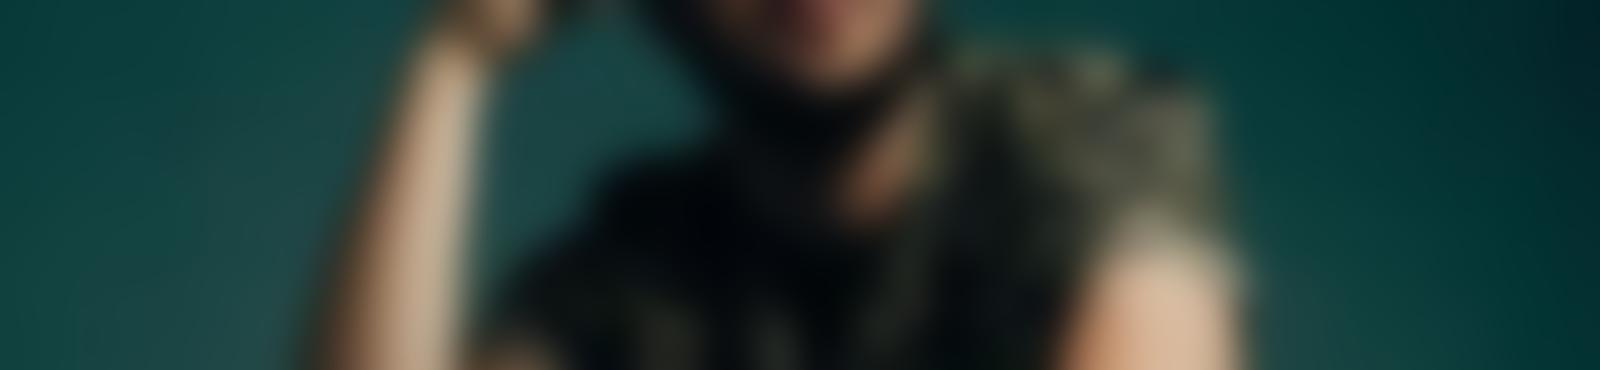 Blurred b88247f9 6ff1 43fc 8e98 7b429c73138e